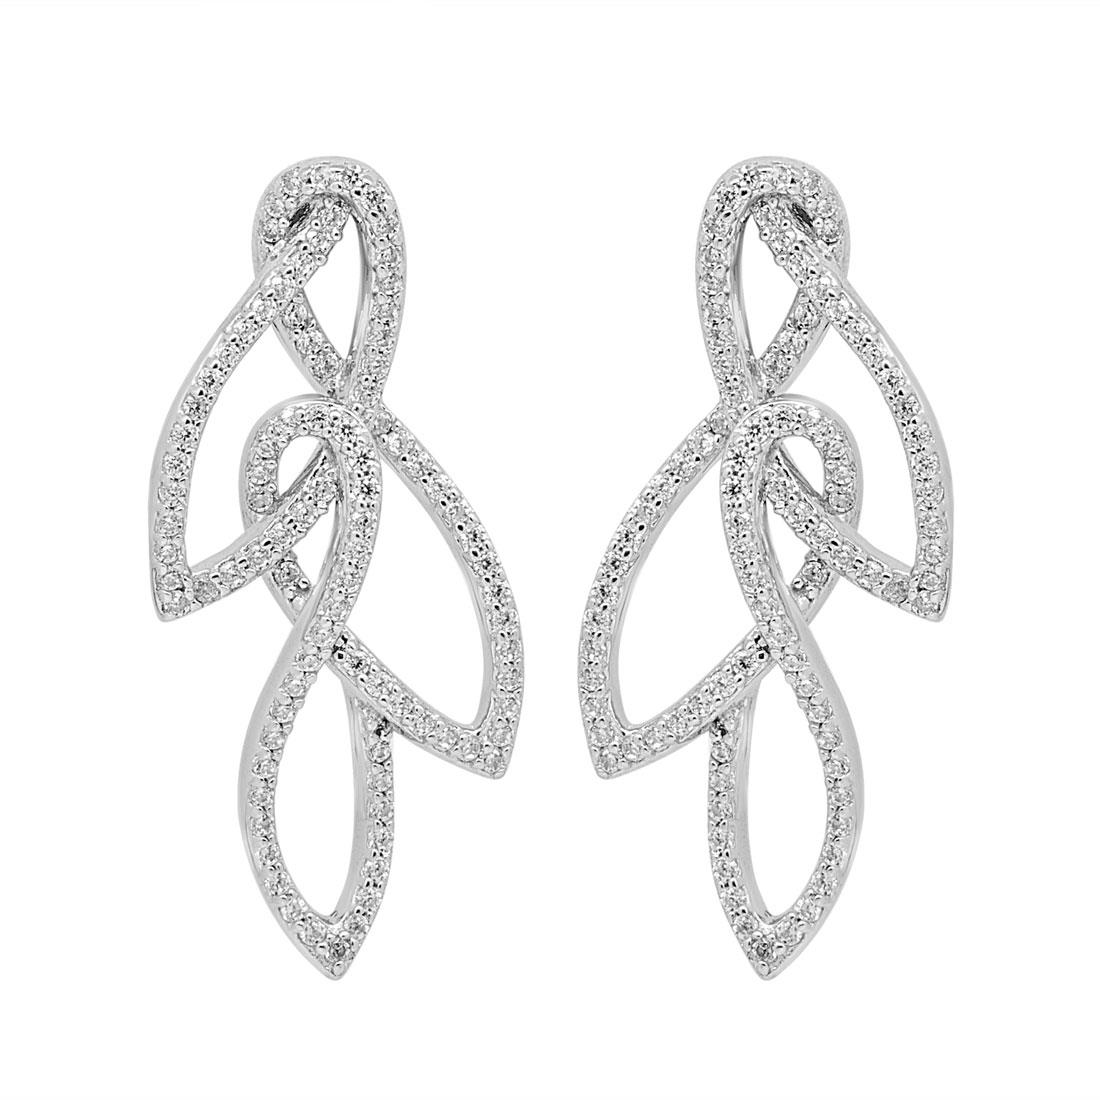 Orecchini in argento con zirconi - MORELLATO